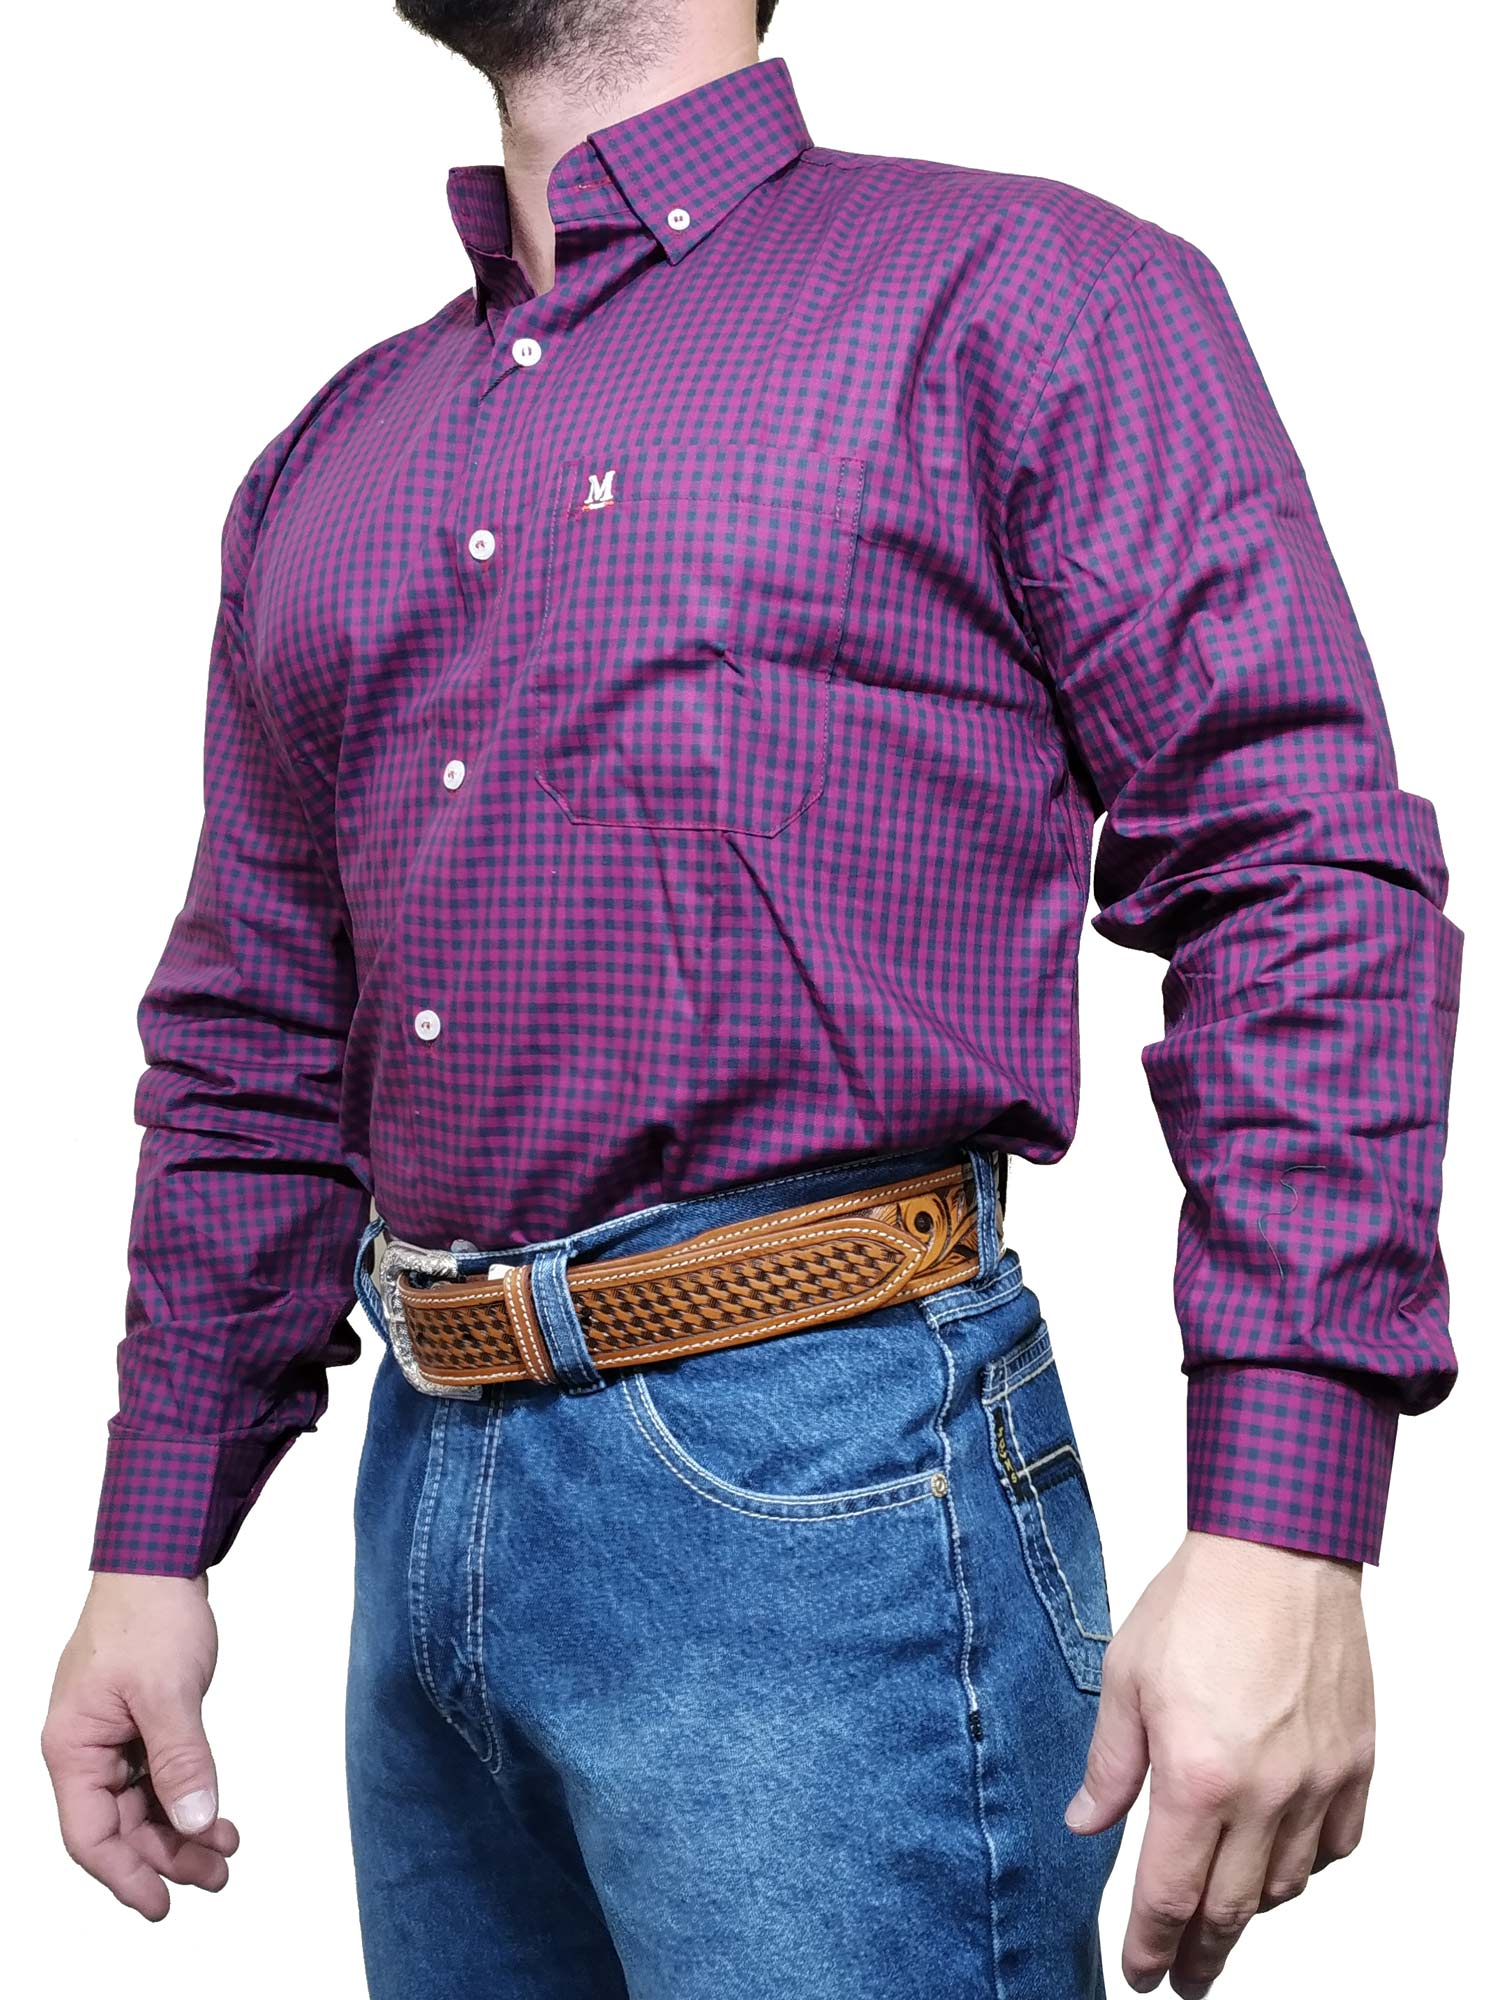 Camisa Masculina Minuty Ref. Xadrez Roxo 2910